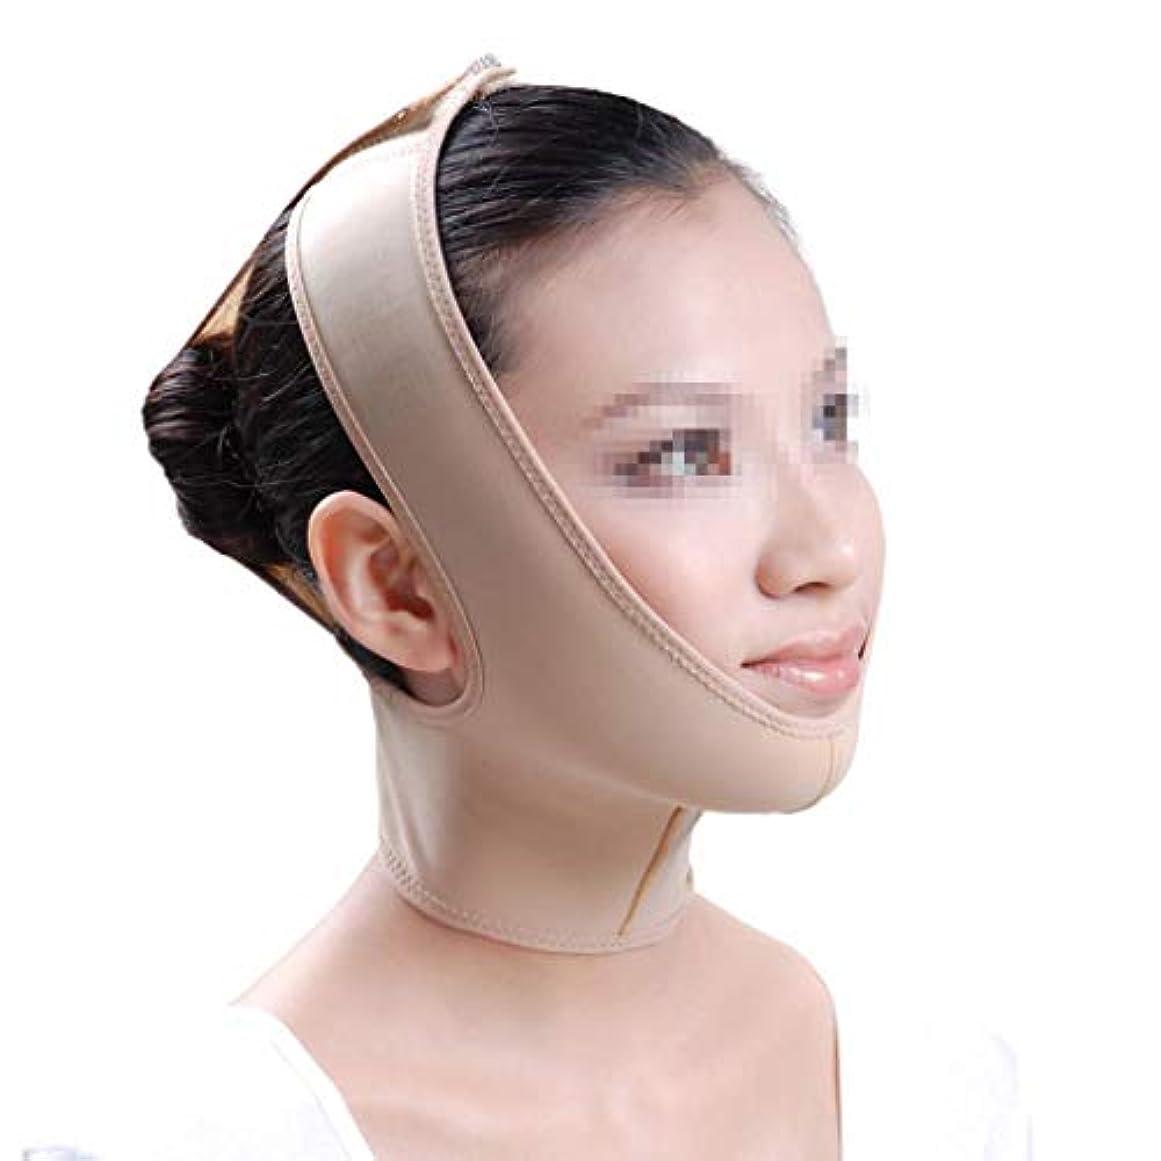 まもなく強盗起こるフェイスリフトマスク、顎首スリーブ首ダブルあご顔医療脂肪吸引手術傷フェイスマスクヘッド弾性スリーブ(サイズ:XXL)